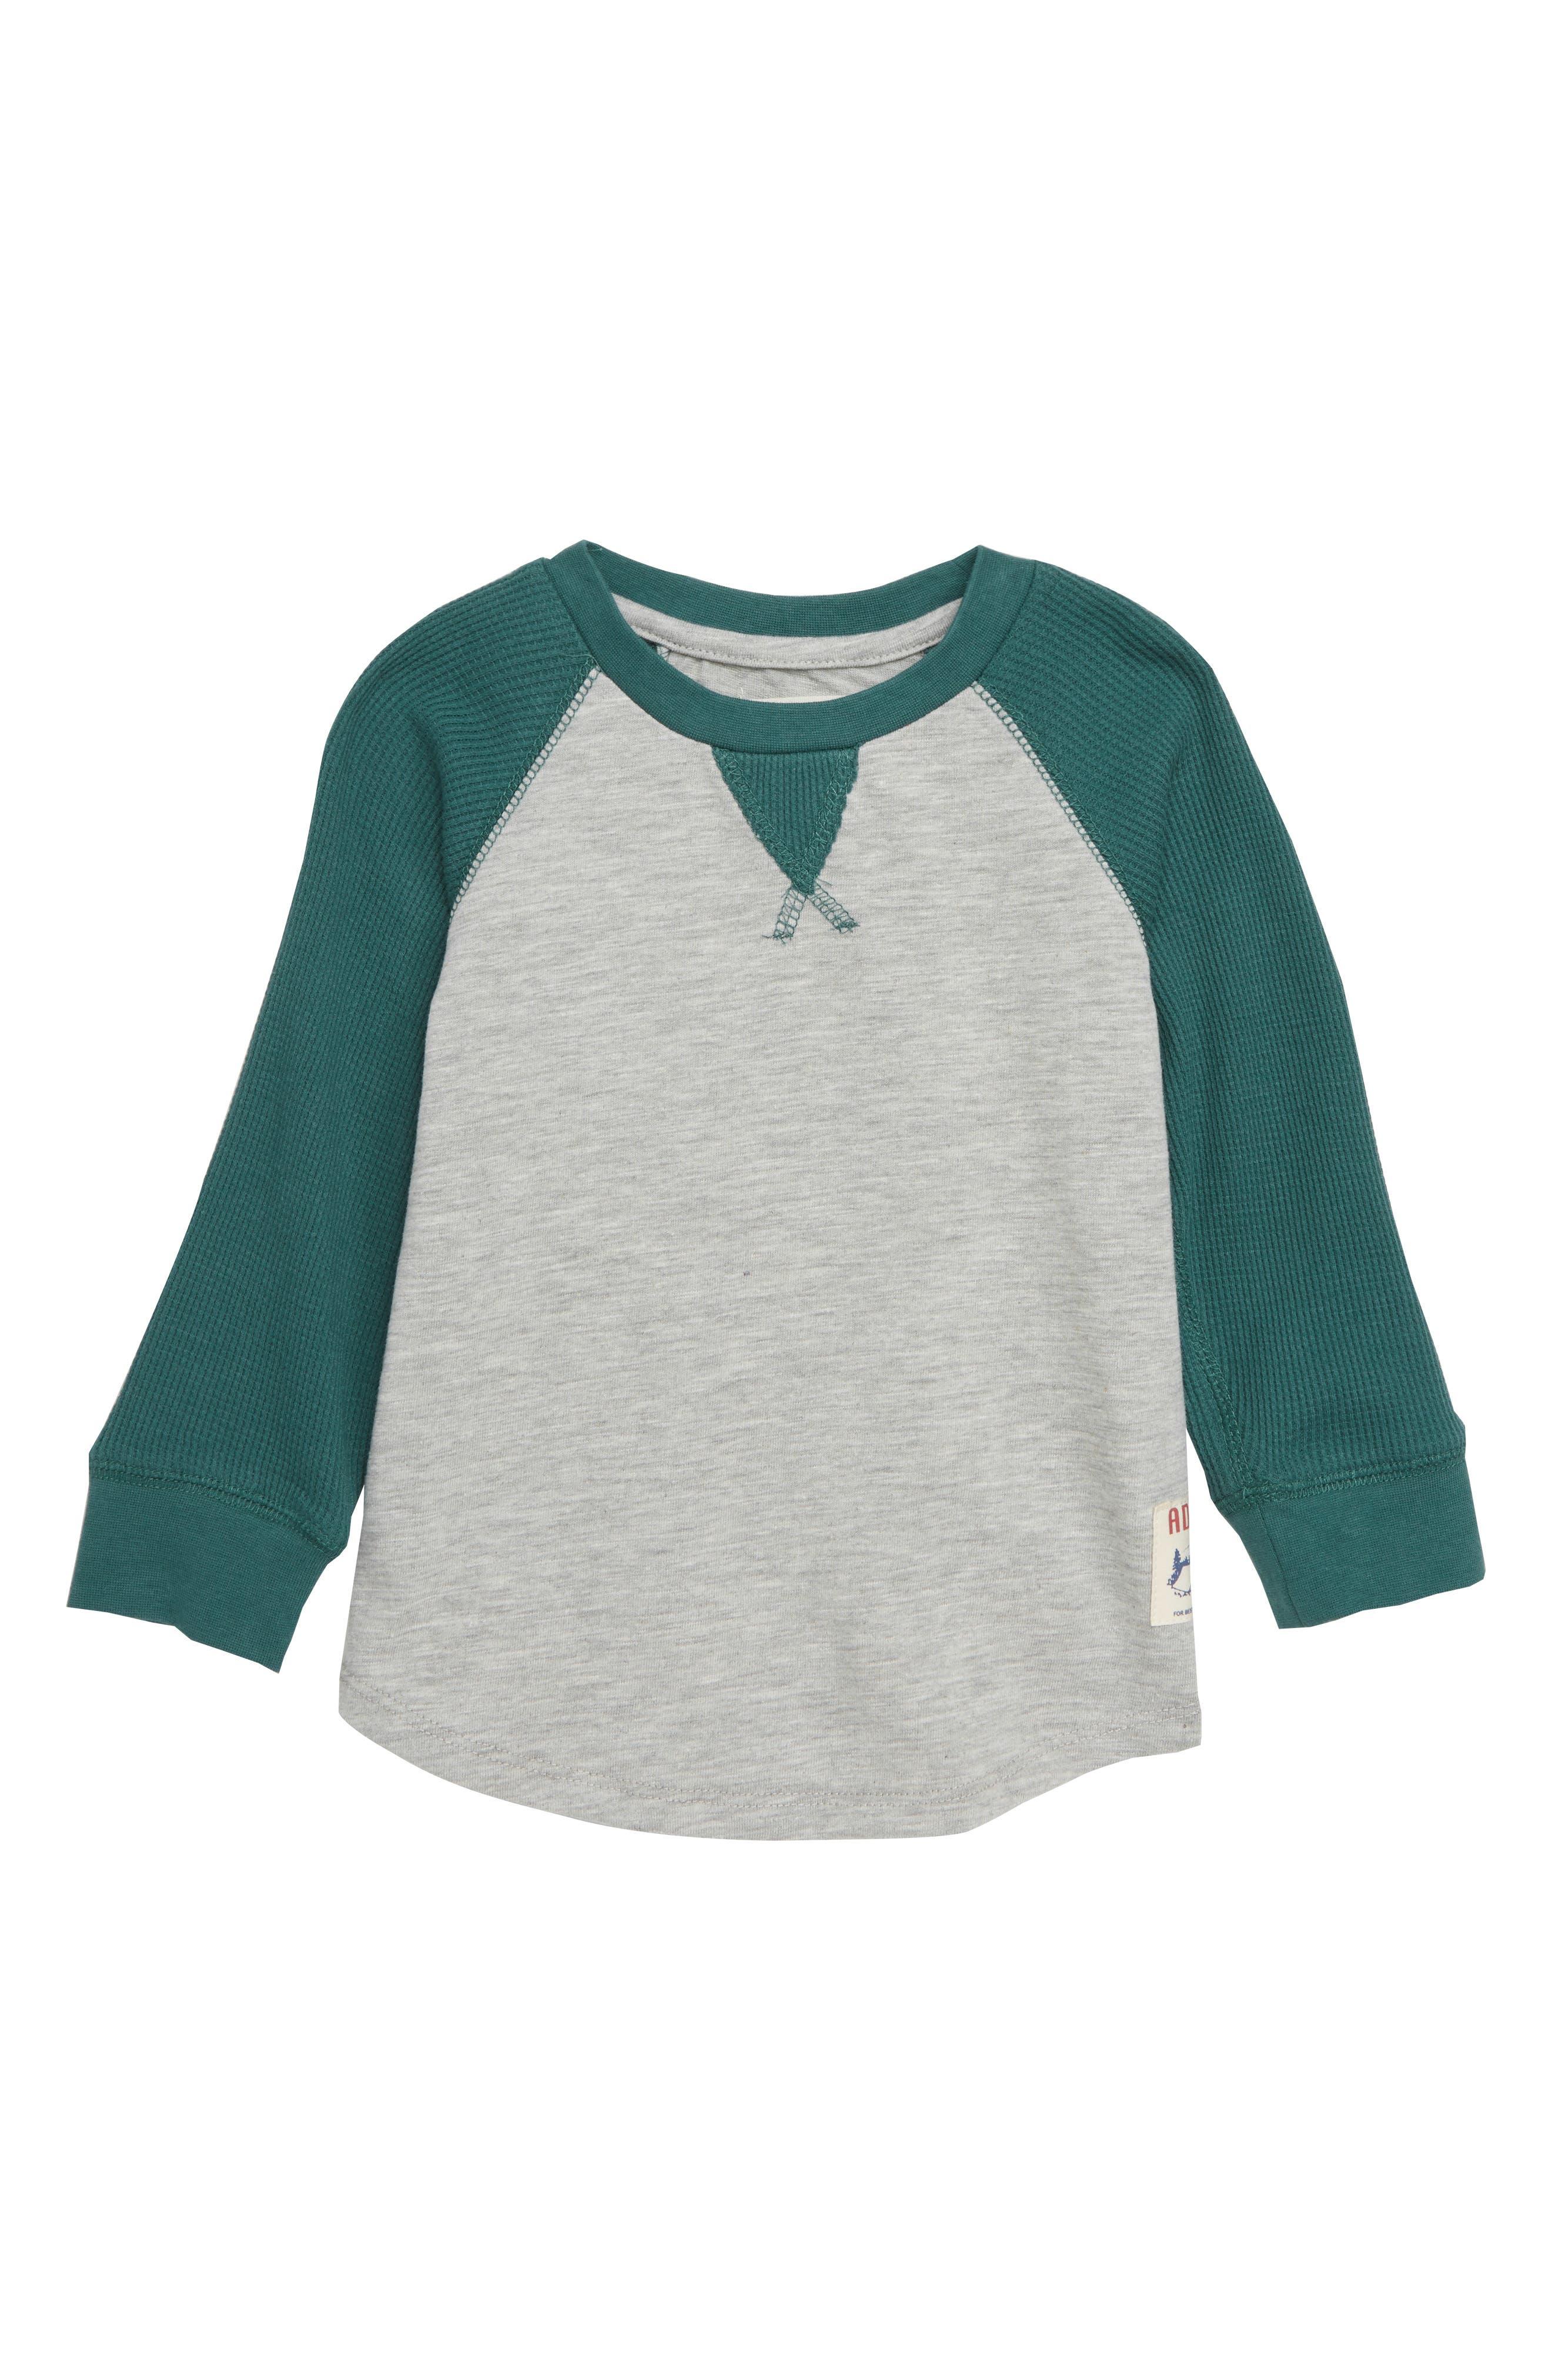 Mixed Knit Raglan T-Shirt,                         Main,                         color, GREEN